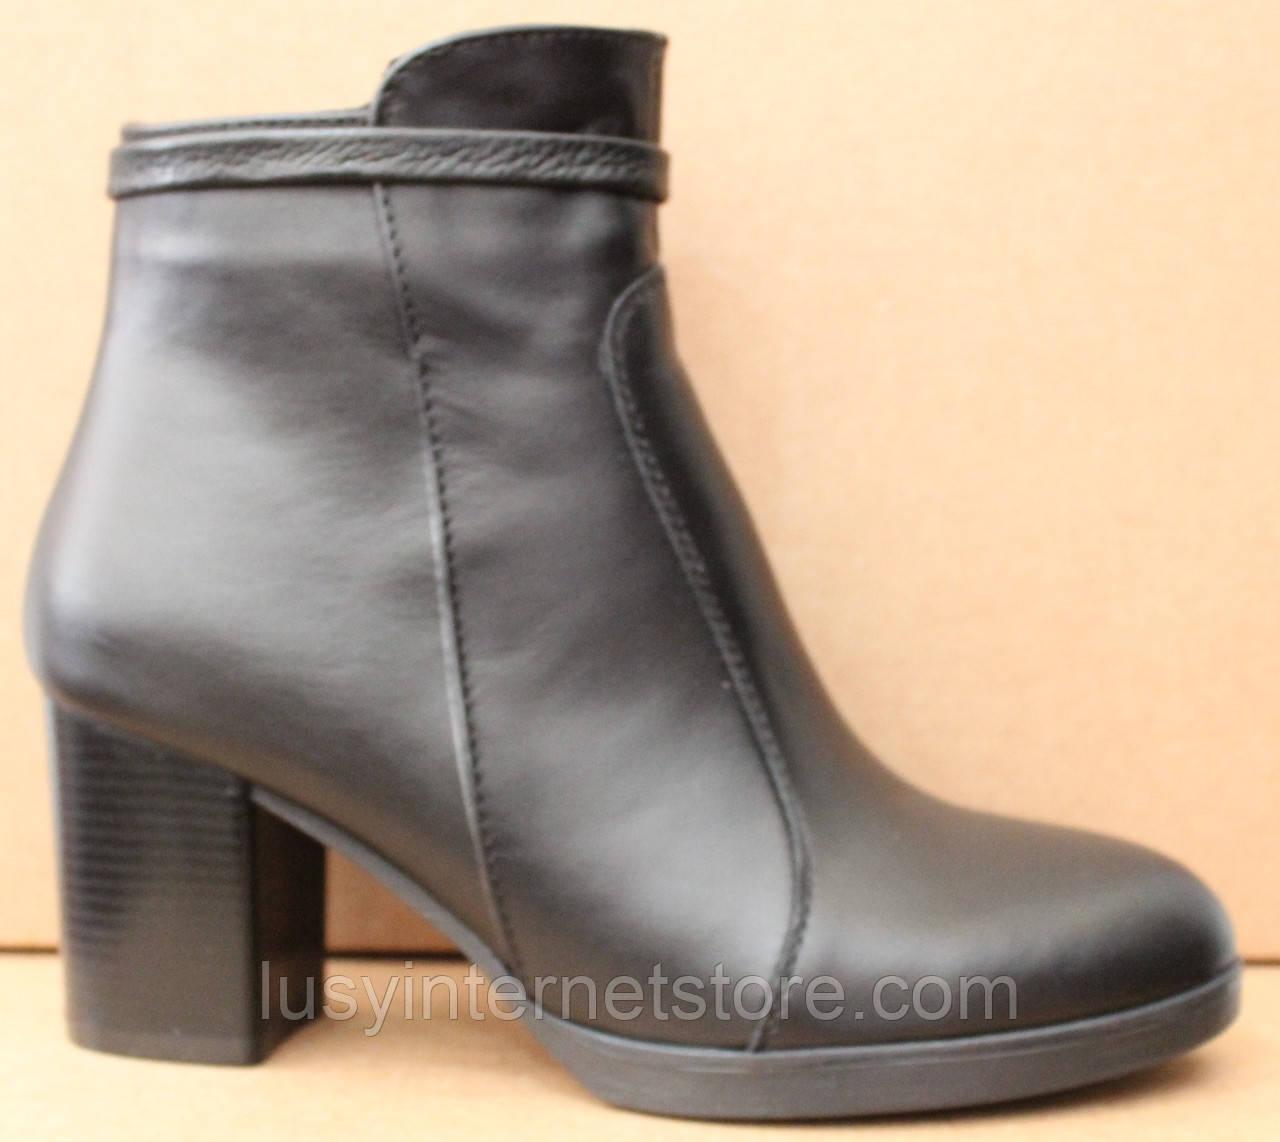 Ботинки демисезонные кожаные на каблуке от производителя модель ШБ11Д